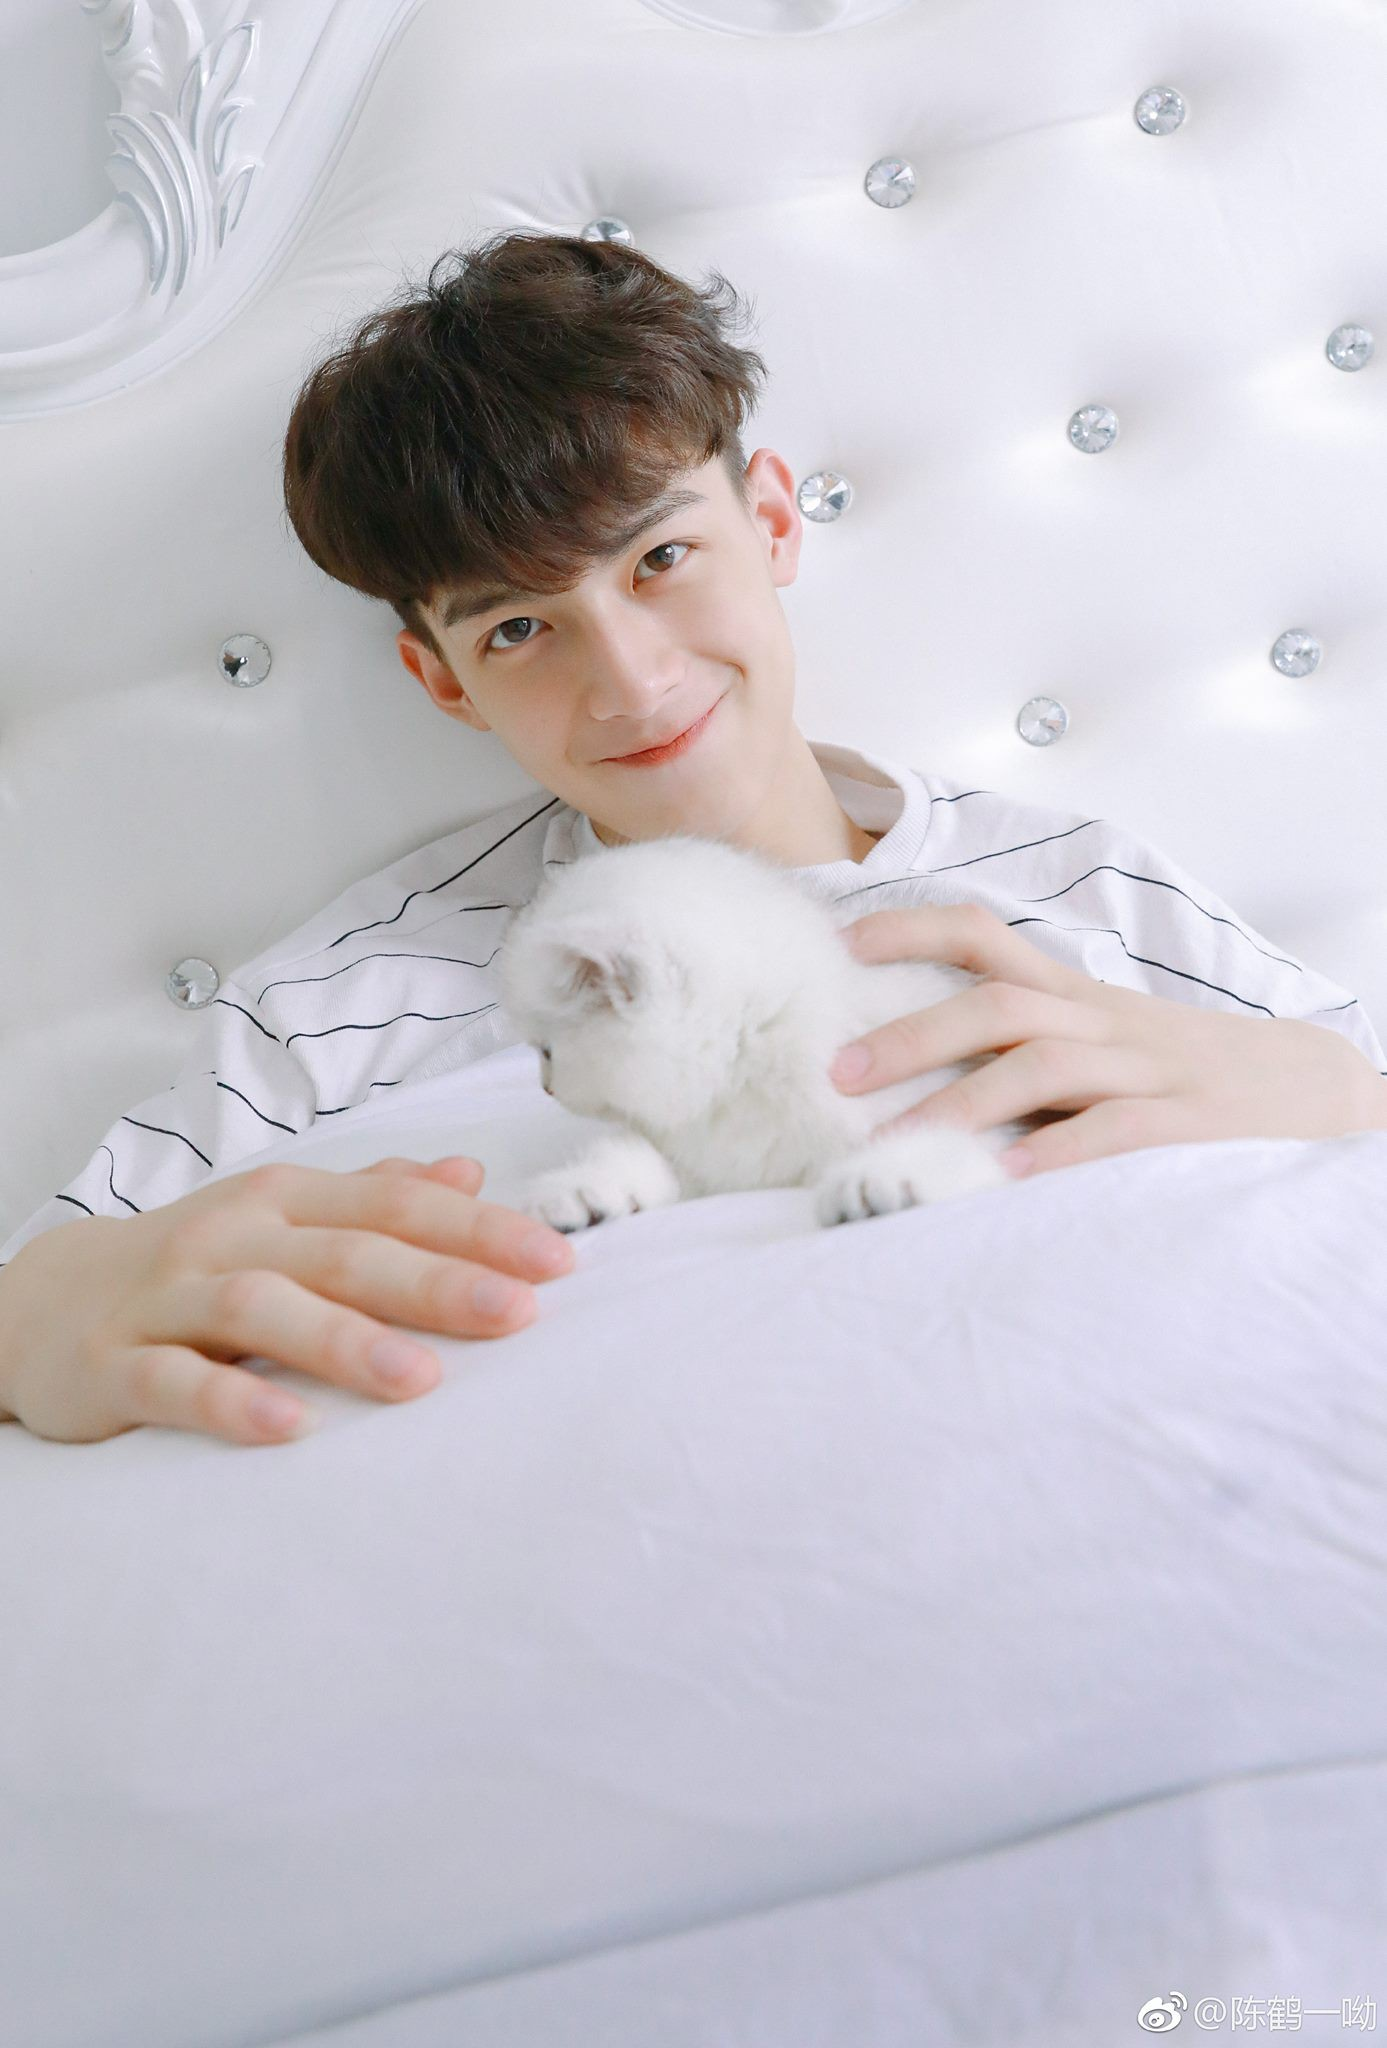 Rung rinh trước gương mặt trẻ thơ của hot boy Trung Quốc sinh năm 1999 đang nổi như cồn trên MXH Việt - Ảnh 3.